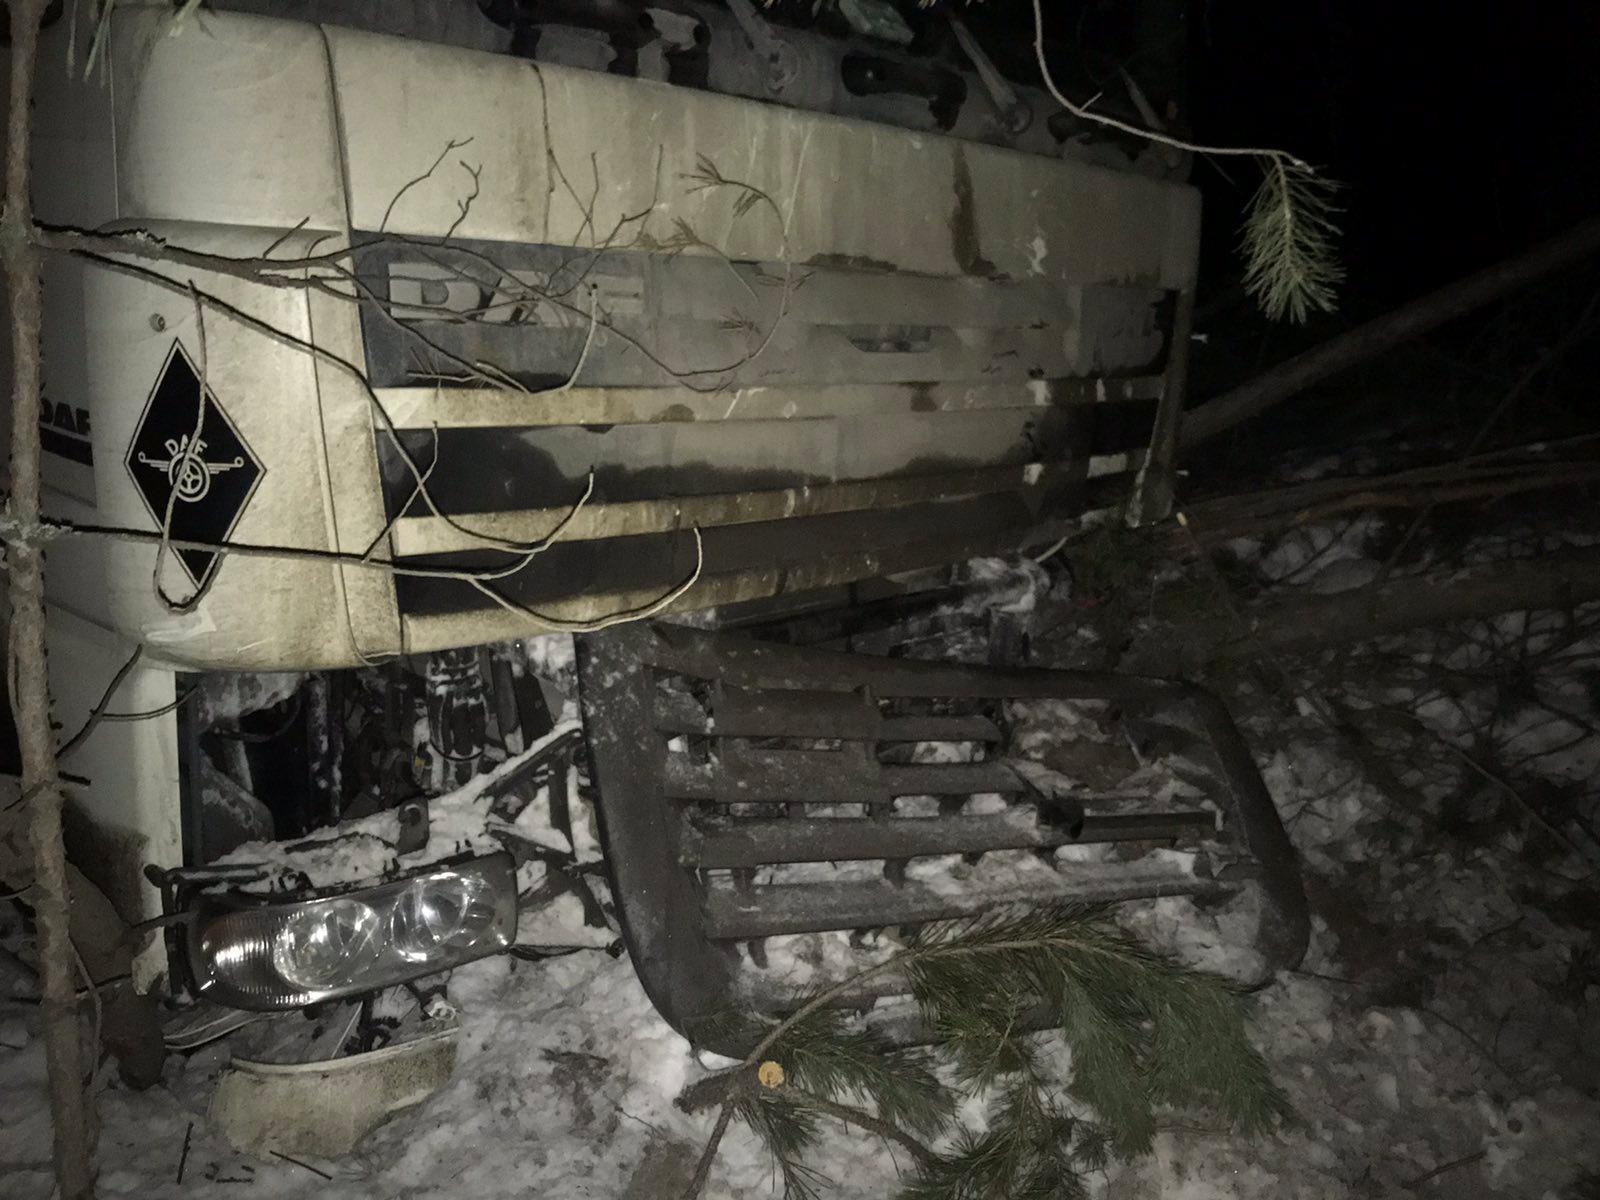 После столкновения с УАЗом Nissan попал под фуру Daf